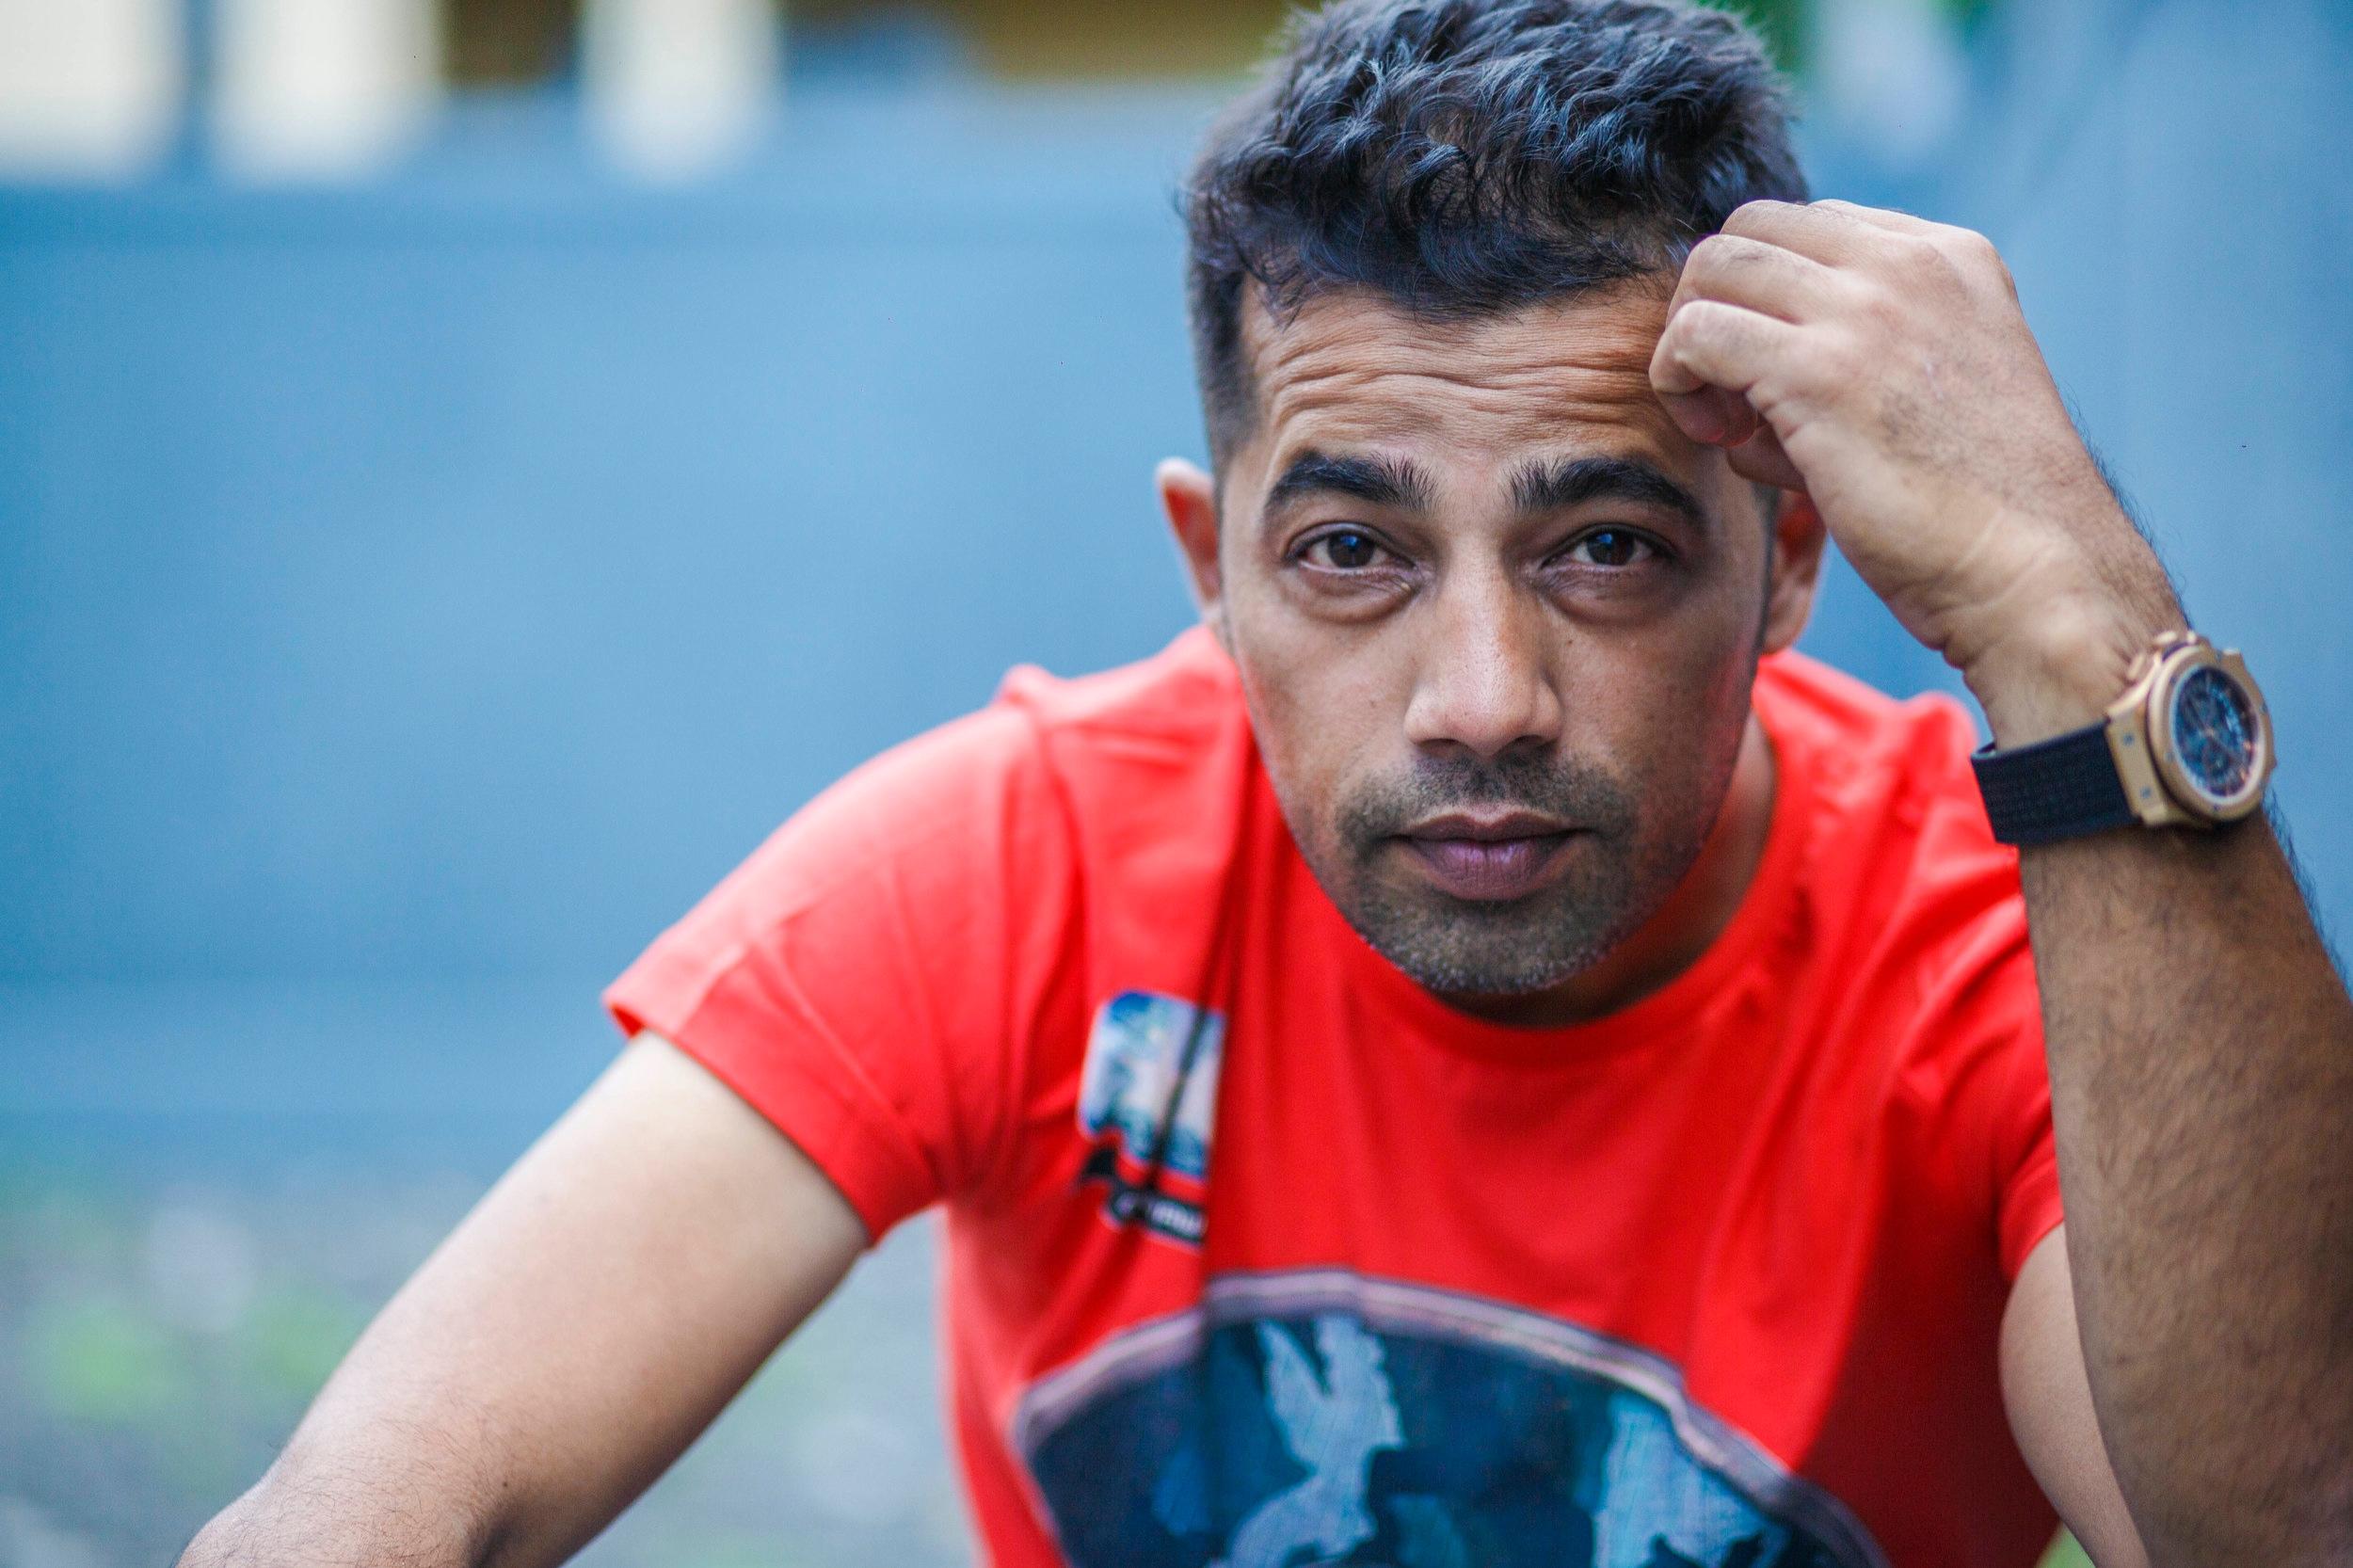 samir khan - SUPPORTER: Filmmaker